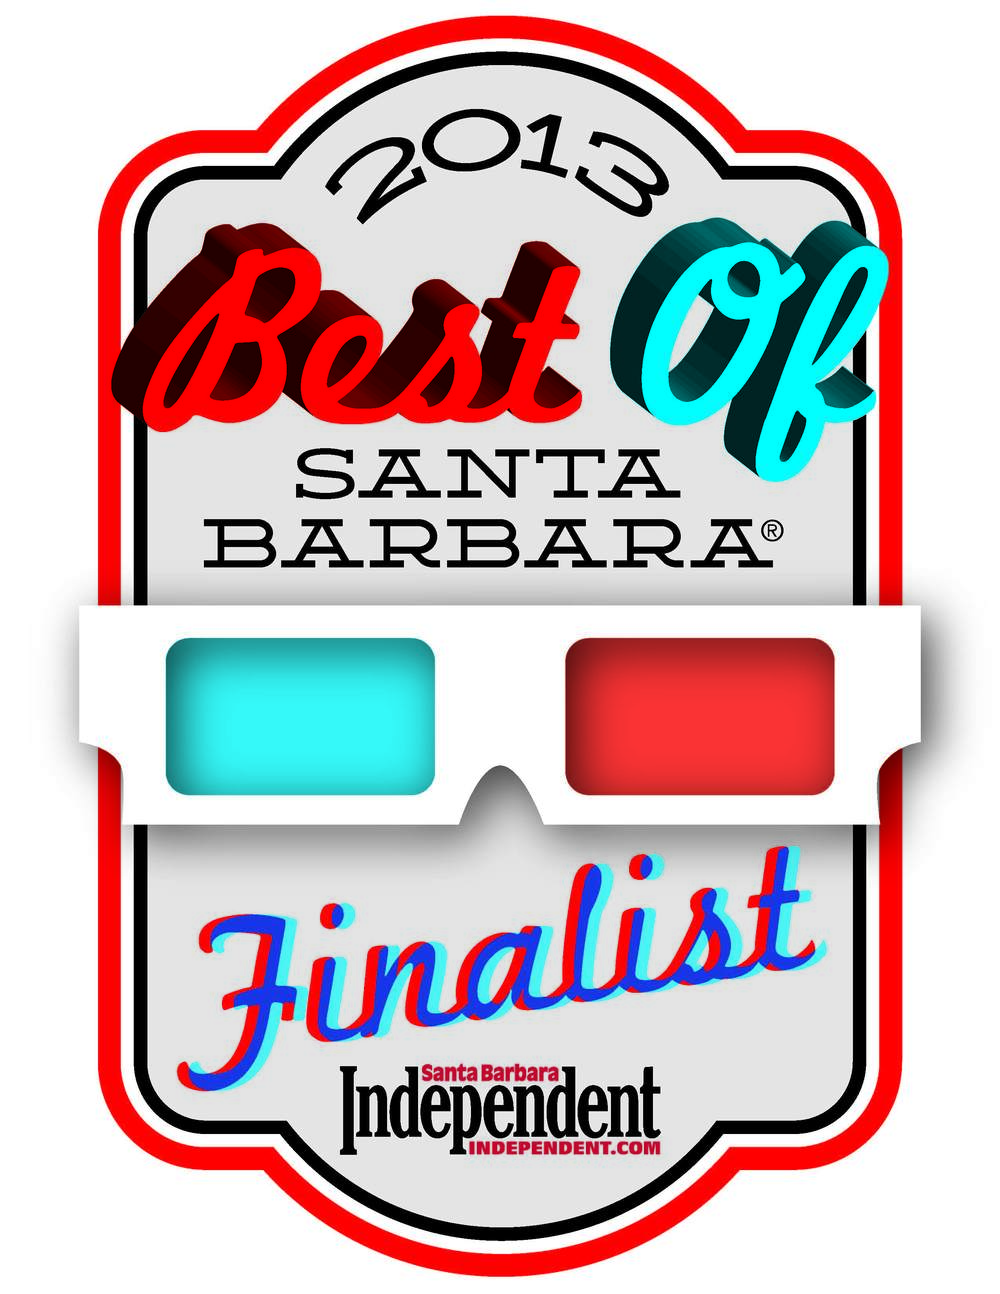 BestOf2013_Finalist_4c (1).jpg